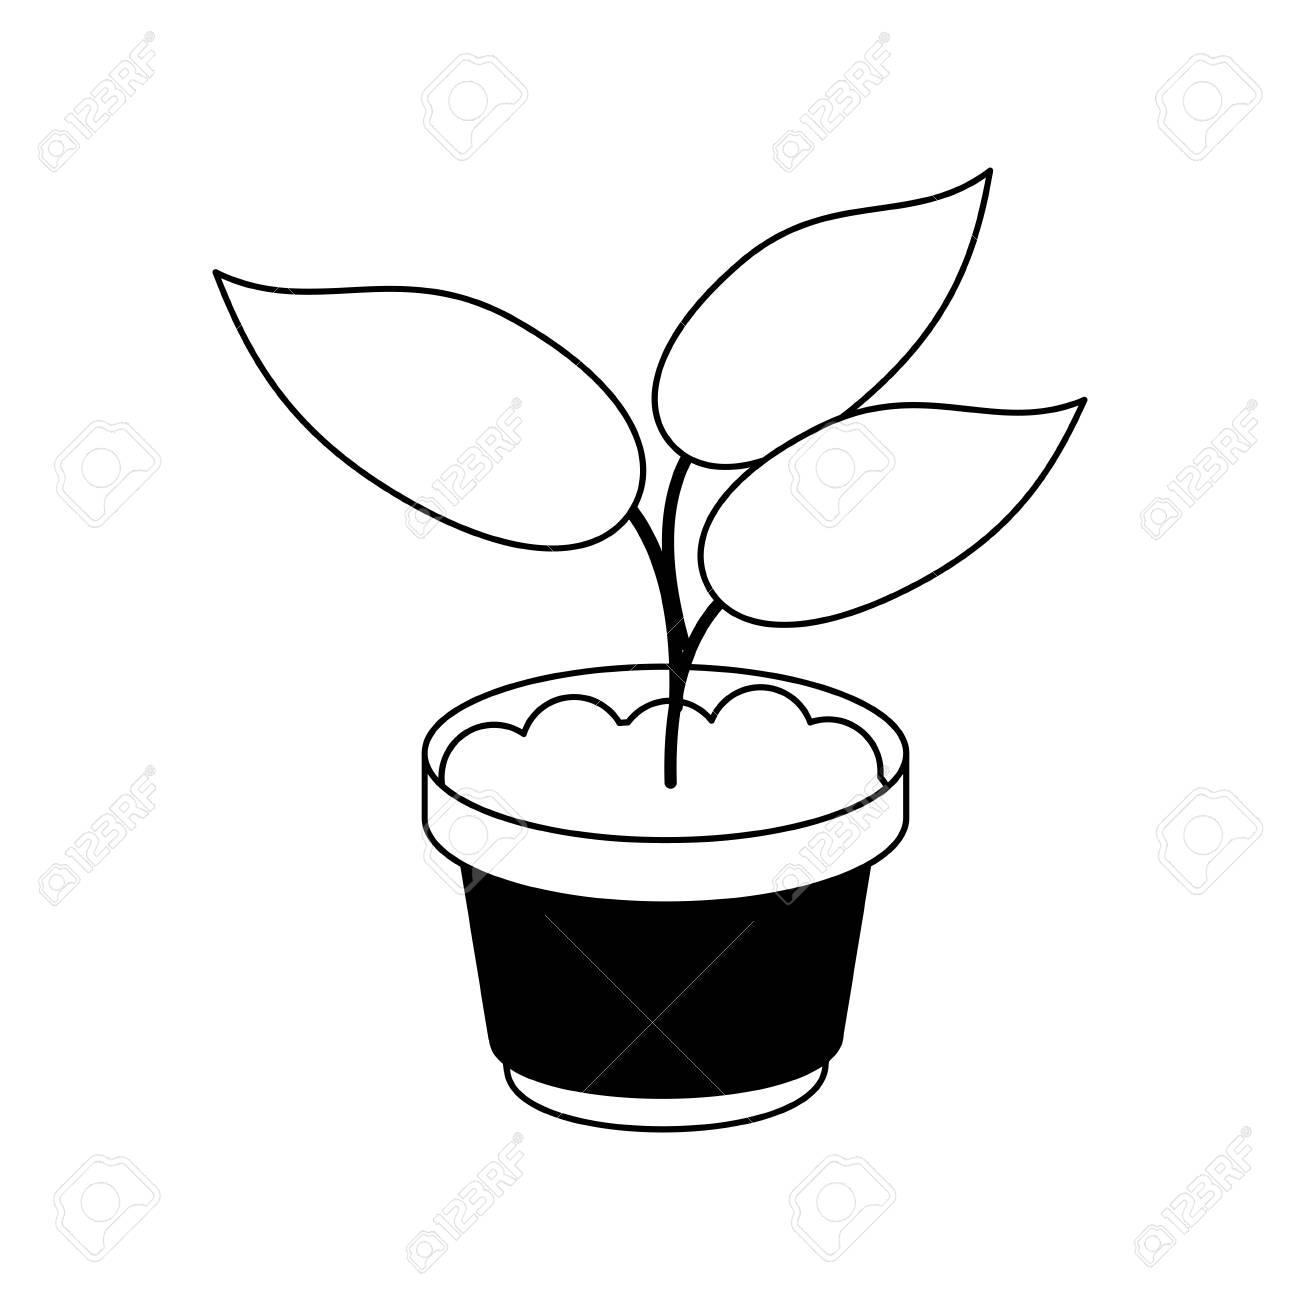 Plante En Pot Icone Image Vector Illustration Design Noir Et Blanc Clip Art Libres De Droits Vecteurs Et Illustration Image 81882440